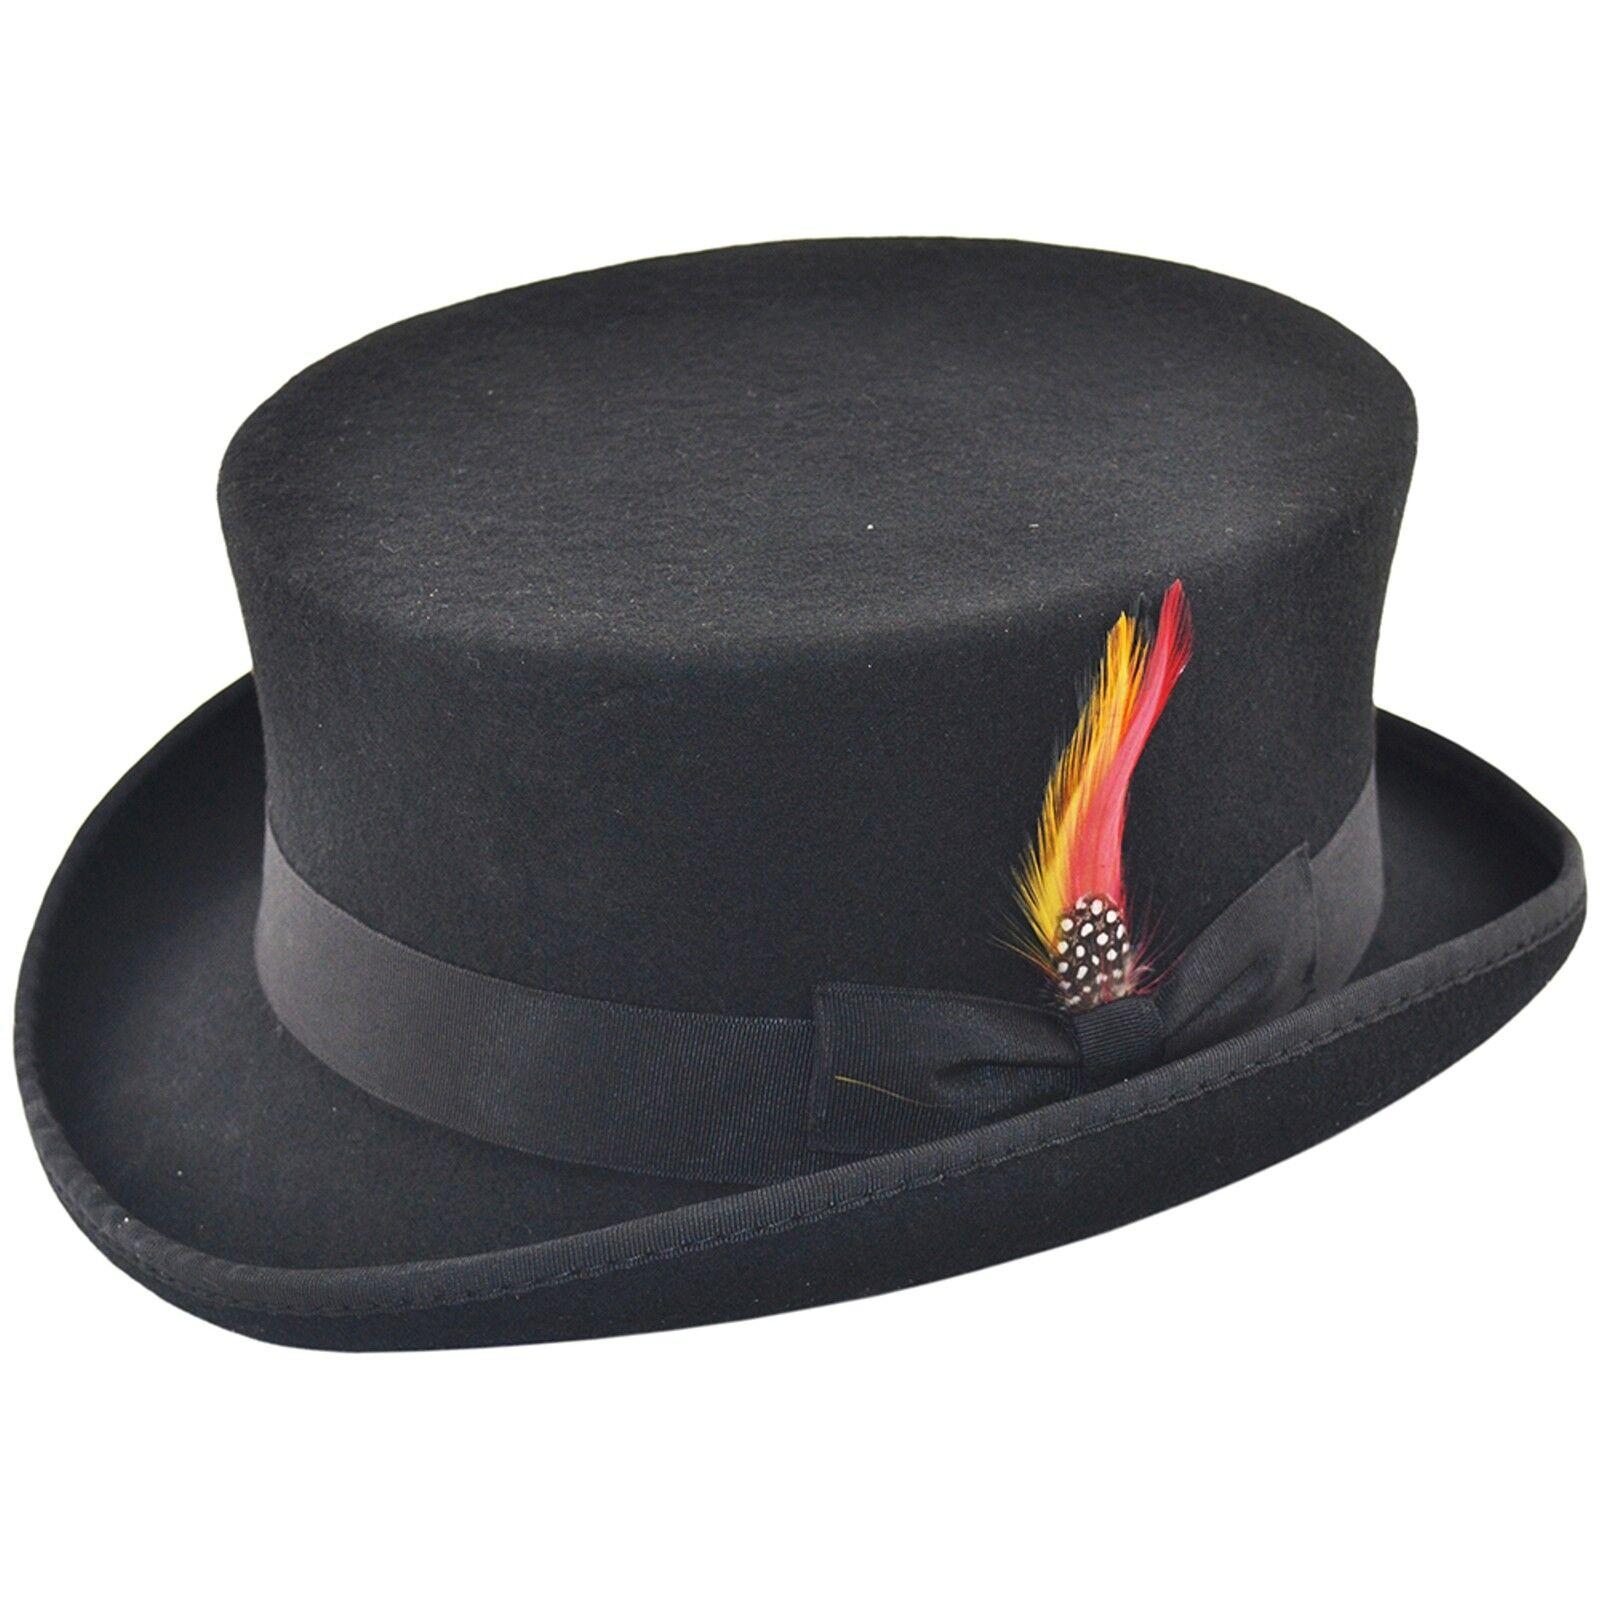 Hombres mujeres Unisex negro 100% lana Doma Topper caballo ecuestre sombrero  con pluma desmontable 840630a1817